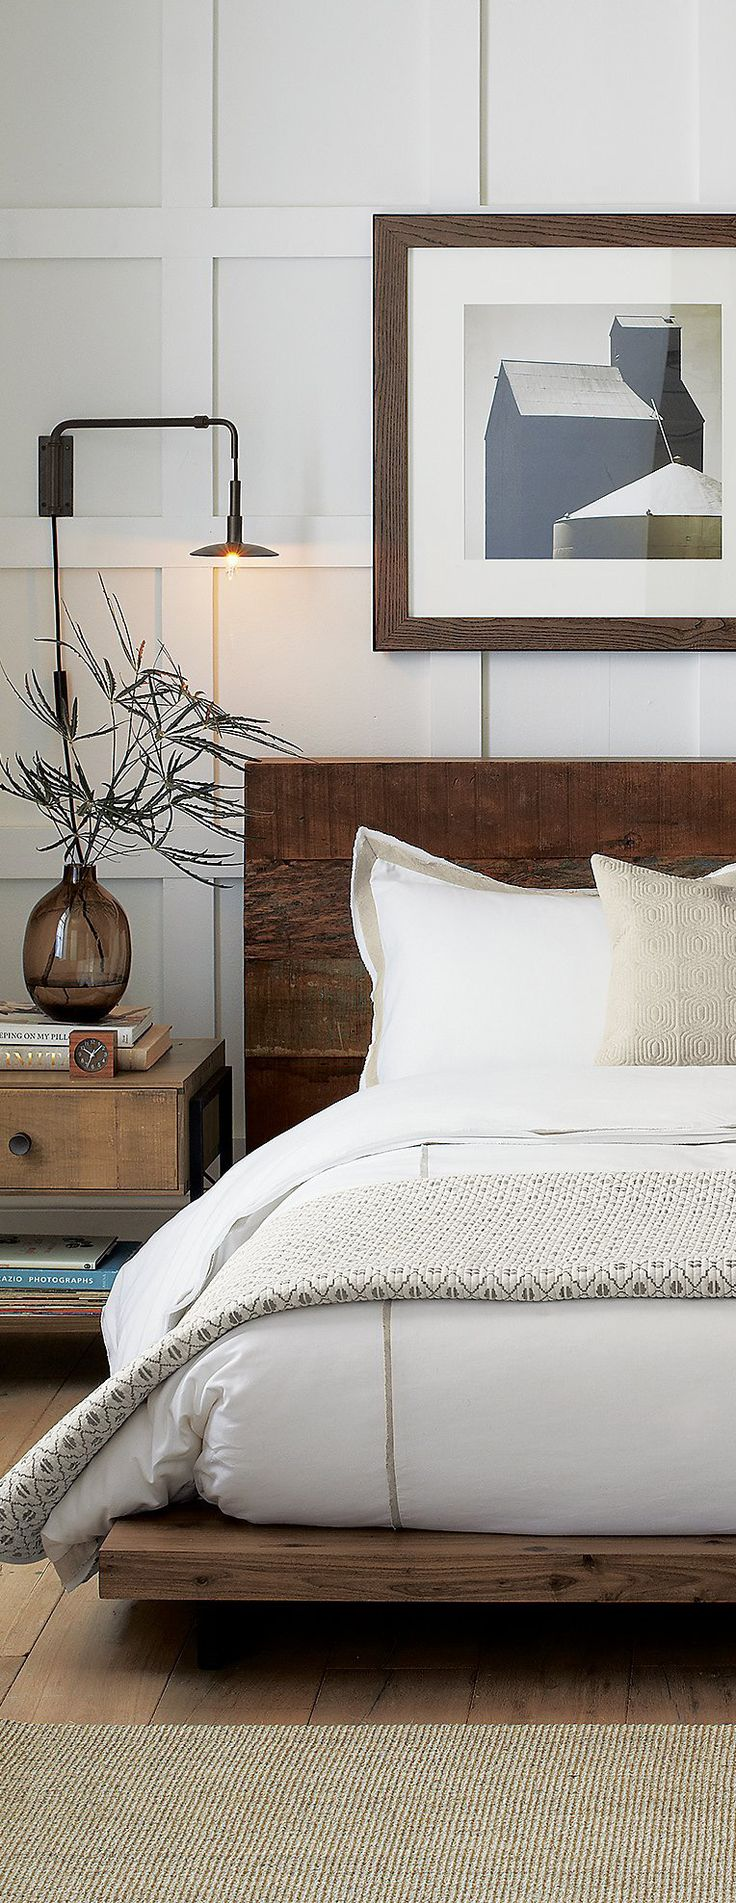 c08971d24ca7db9db1f86e1a506d040b  bohemian duvet cover modern duvet covers Frisch top Bett Designs Pkt6